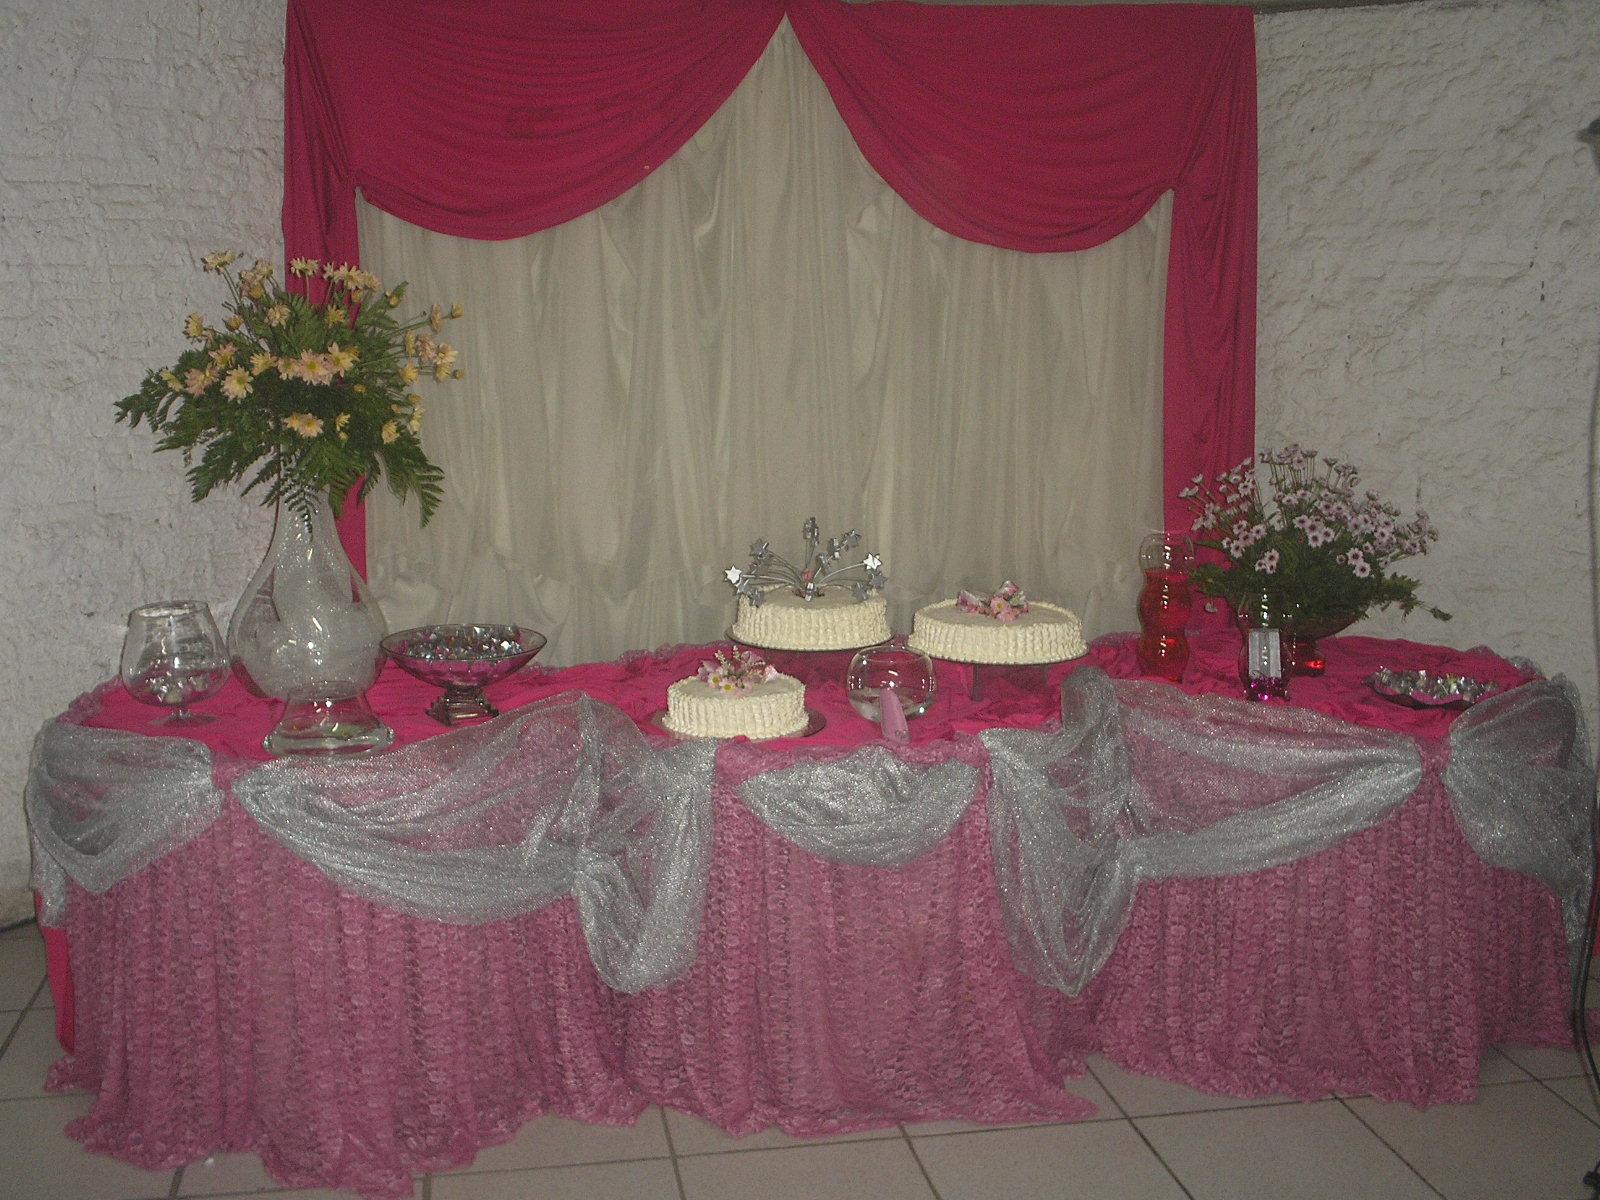 Decoracoes Para Festas 15 Anos: Bete Decorações: Festa De 15 Anos. Decoração Rosa Pink